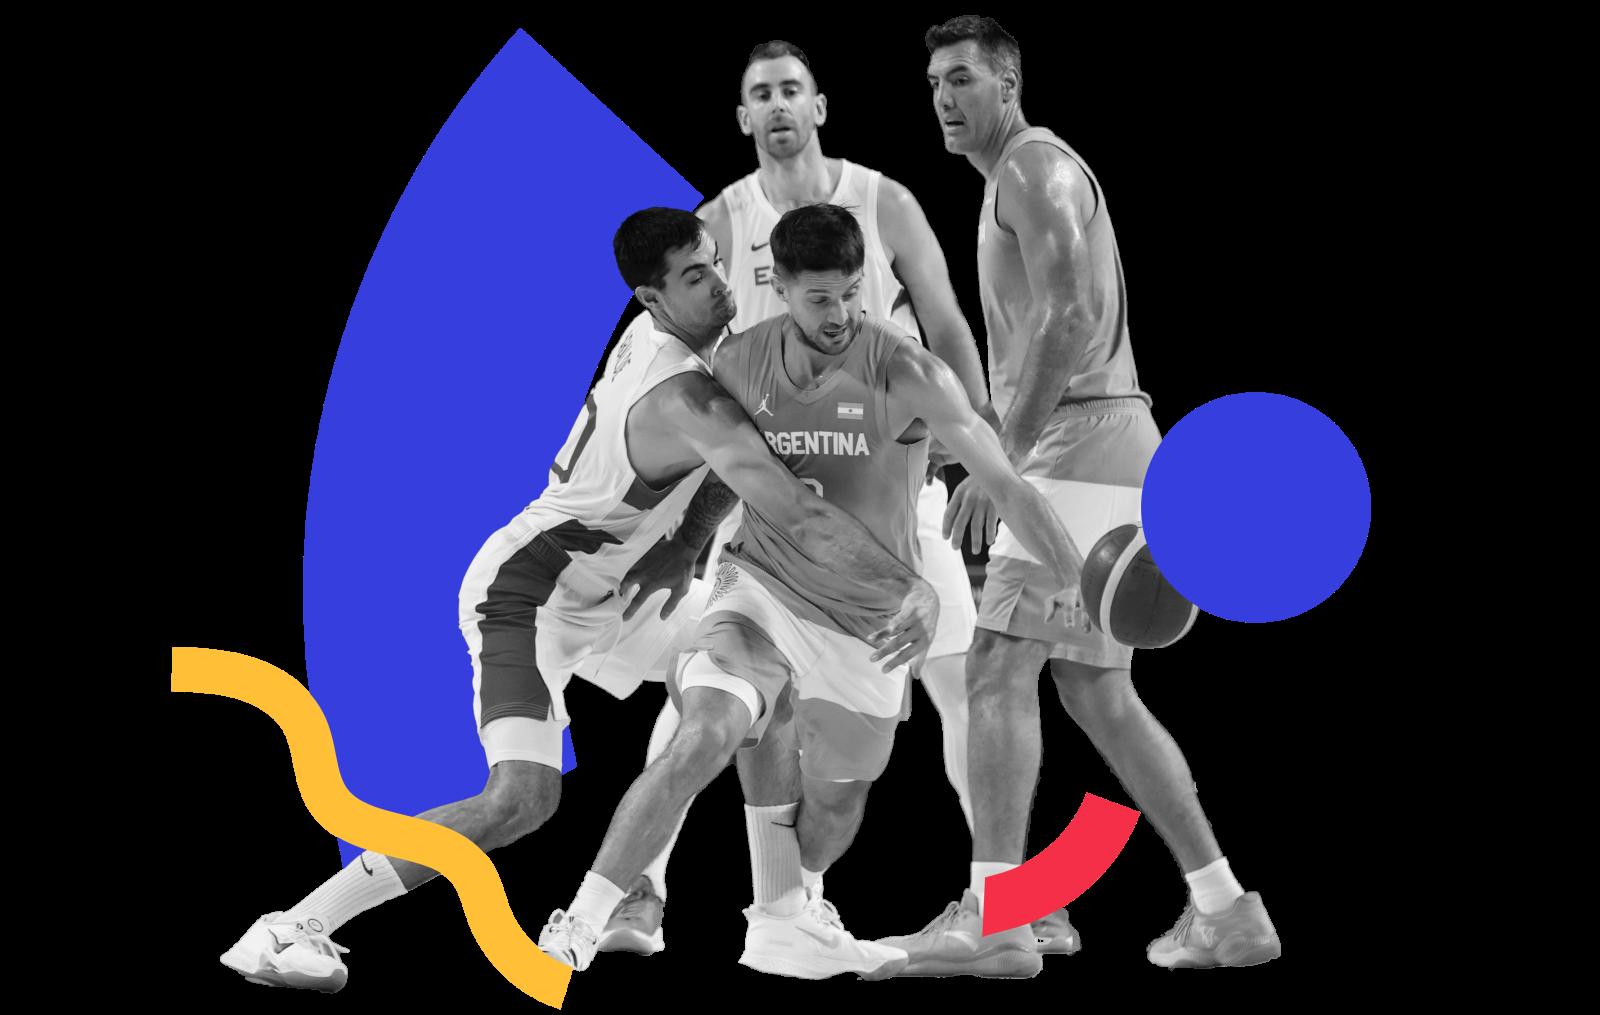 La selección masculina de baloncesto sella su pase a cuartos